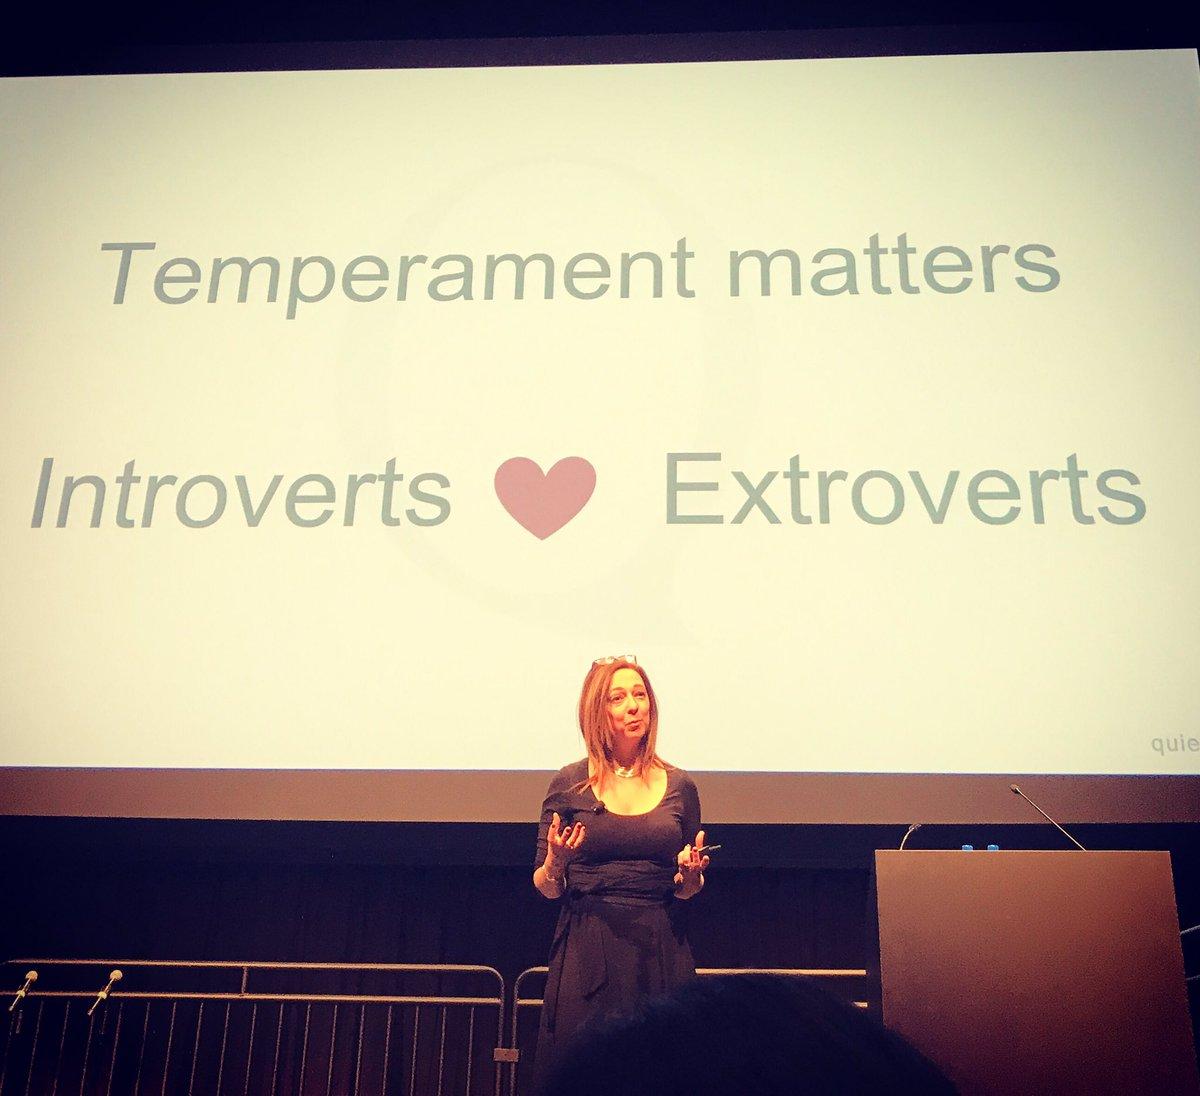 Introvert extrovert song